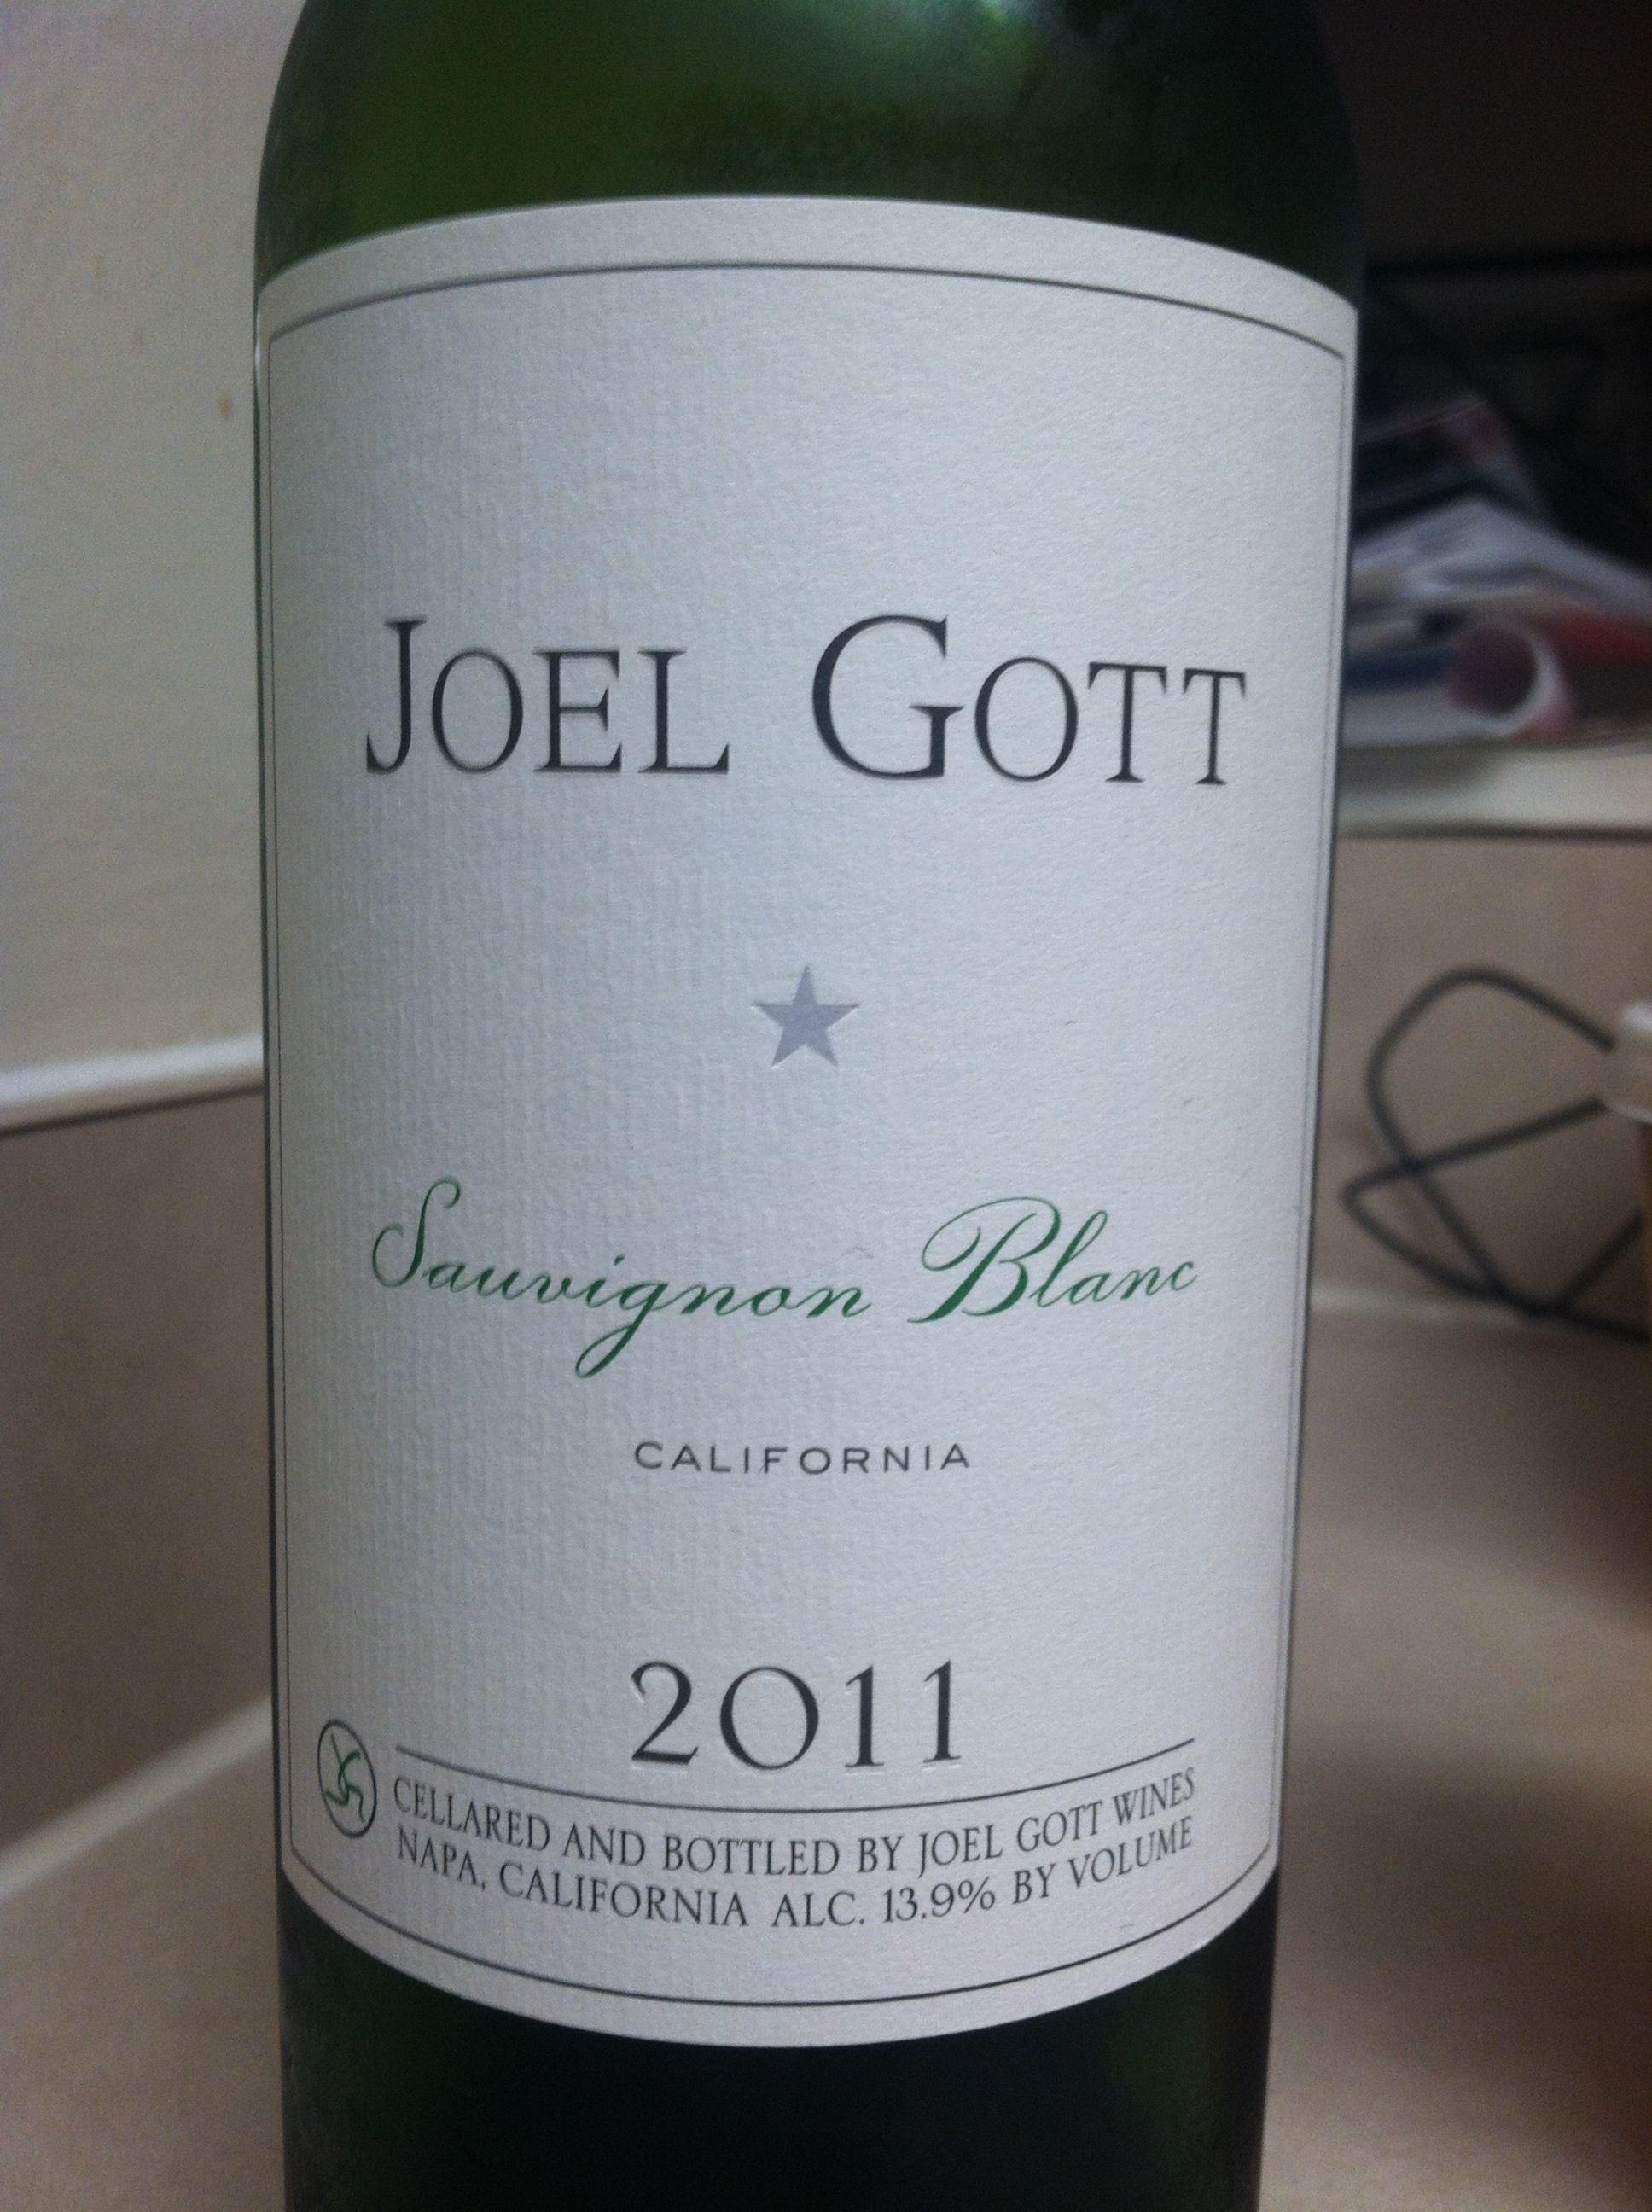 Joel gott is wonderful wine bottle wines bottle